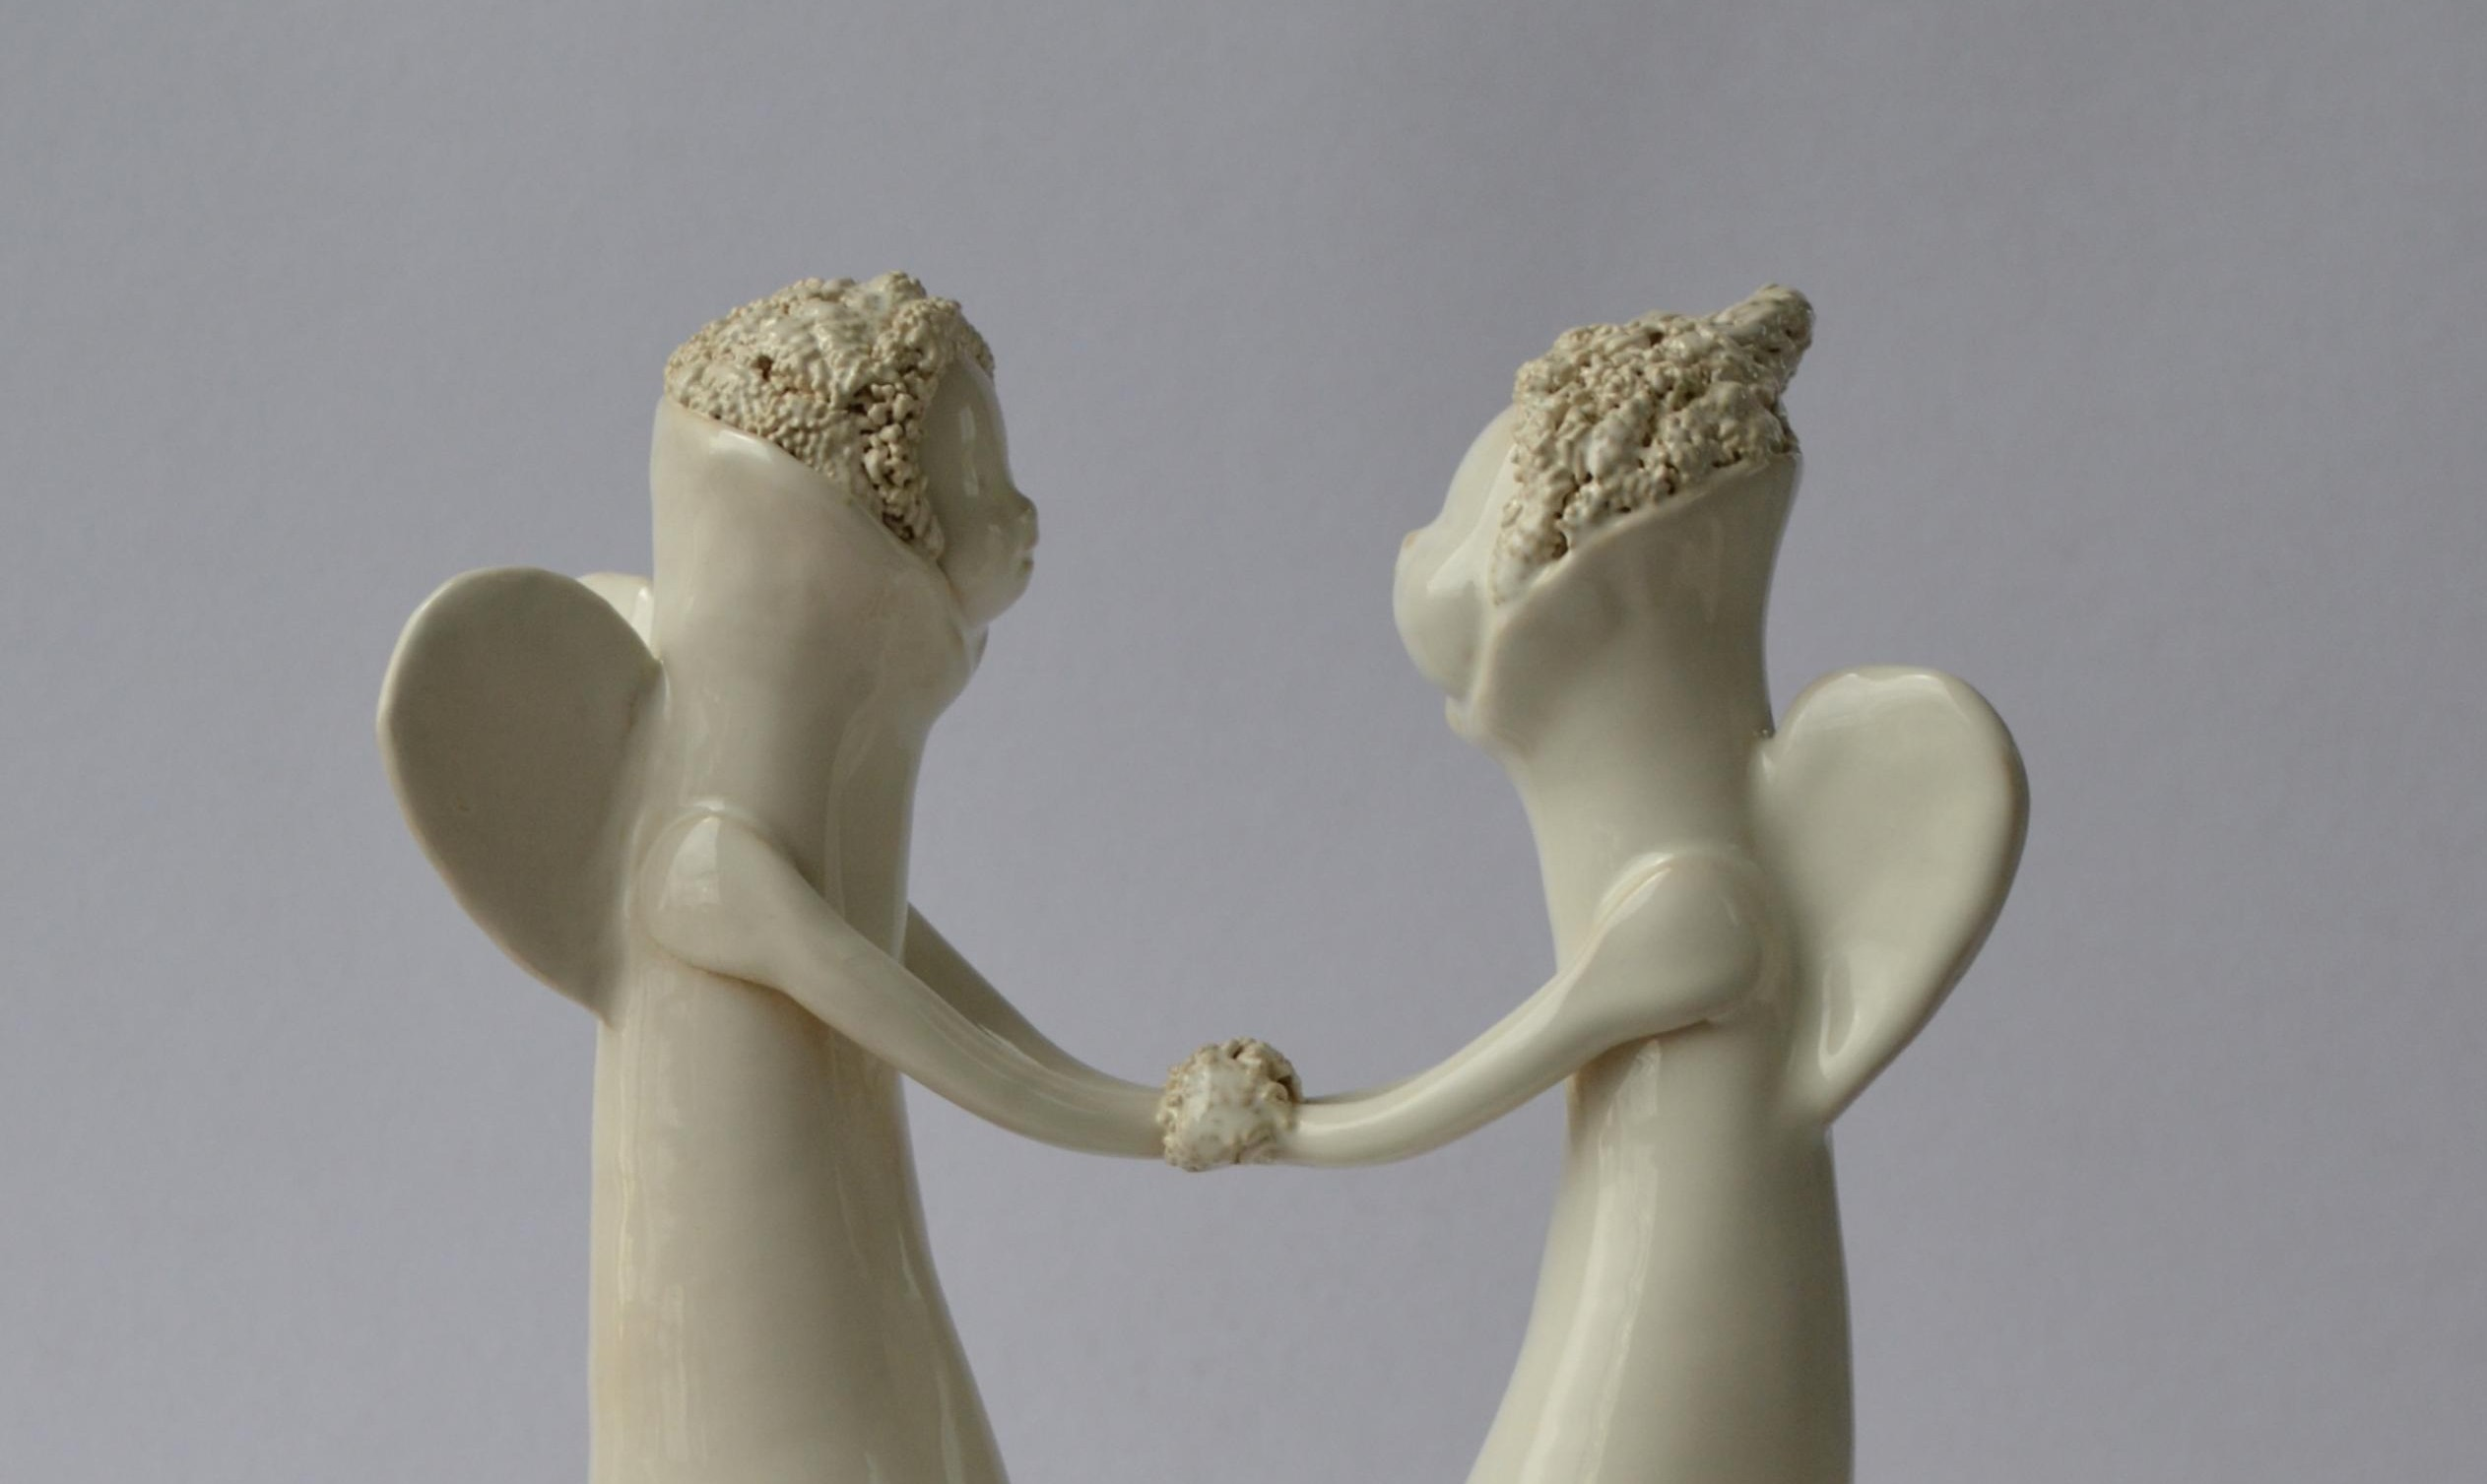 Ranku darbo keramika. Šeimos židinys - žvakidė vestuvėms. Dovana vestuviu proga jaunavedžiams.